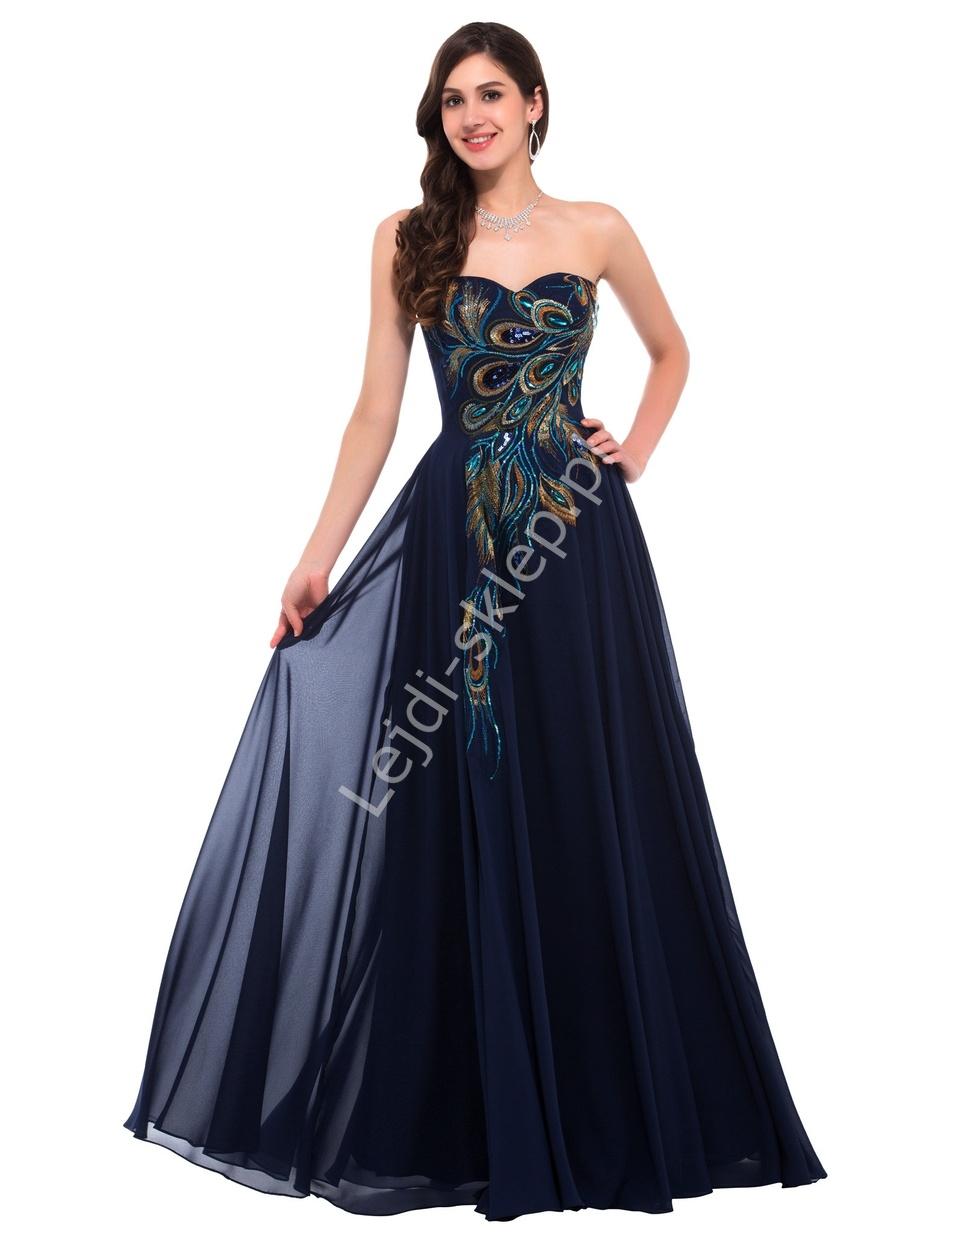 b54a3280a64594 Granatowa szyfonowa suknia z pawimi piórami, na studniówkę, sylwestra,  karnawał